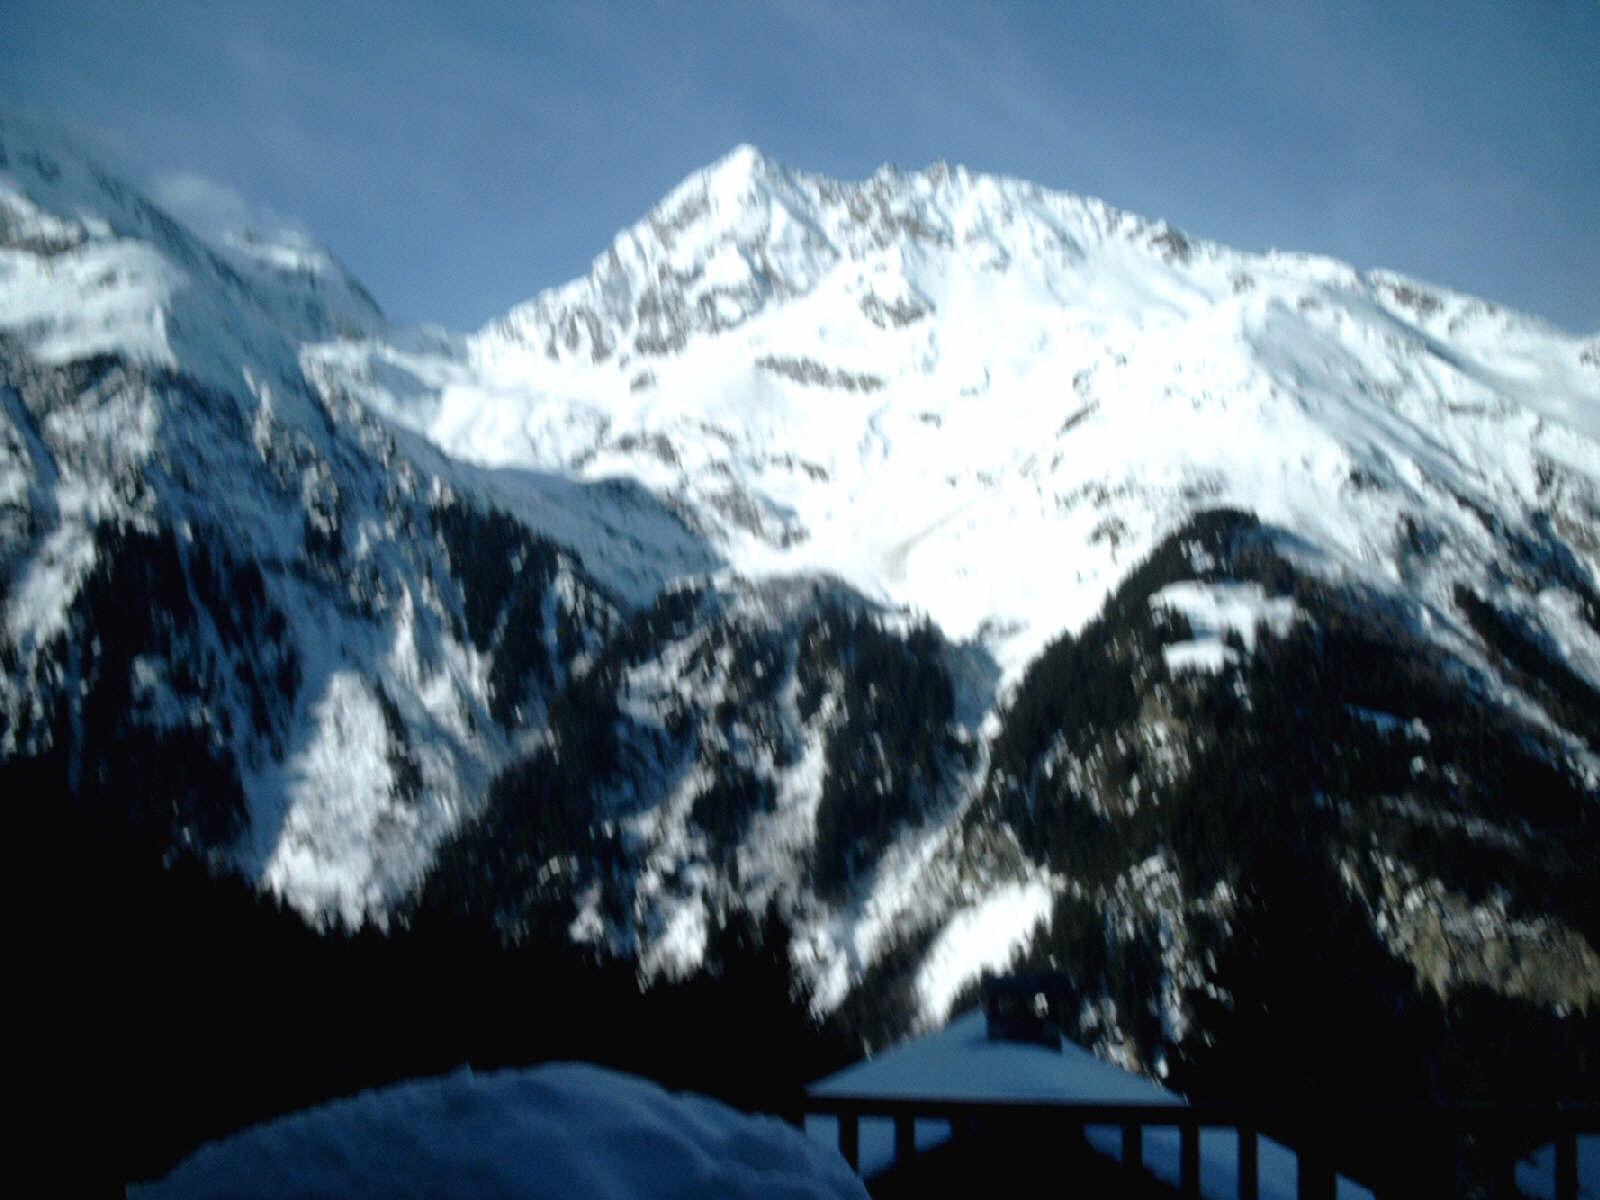 sfs_berg_recht_tegenover_balkon.jpg